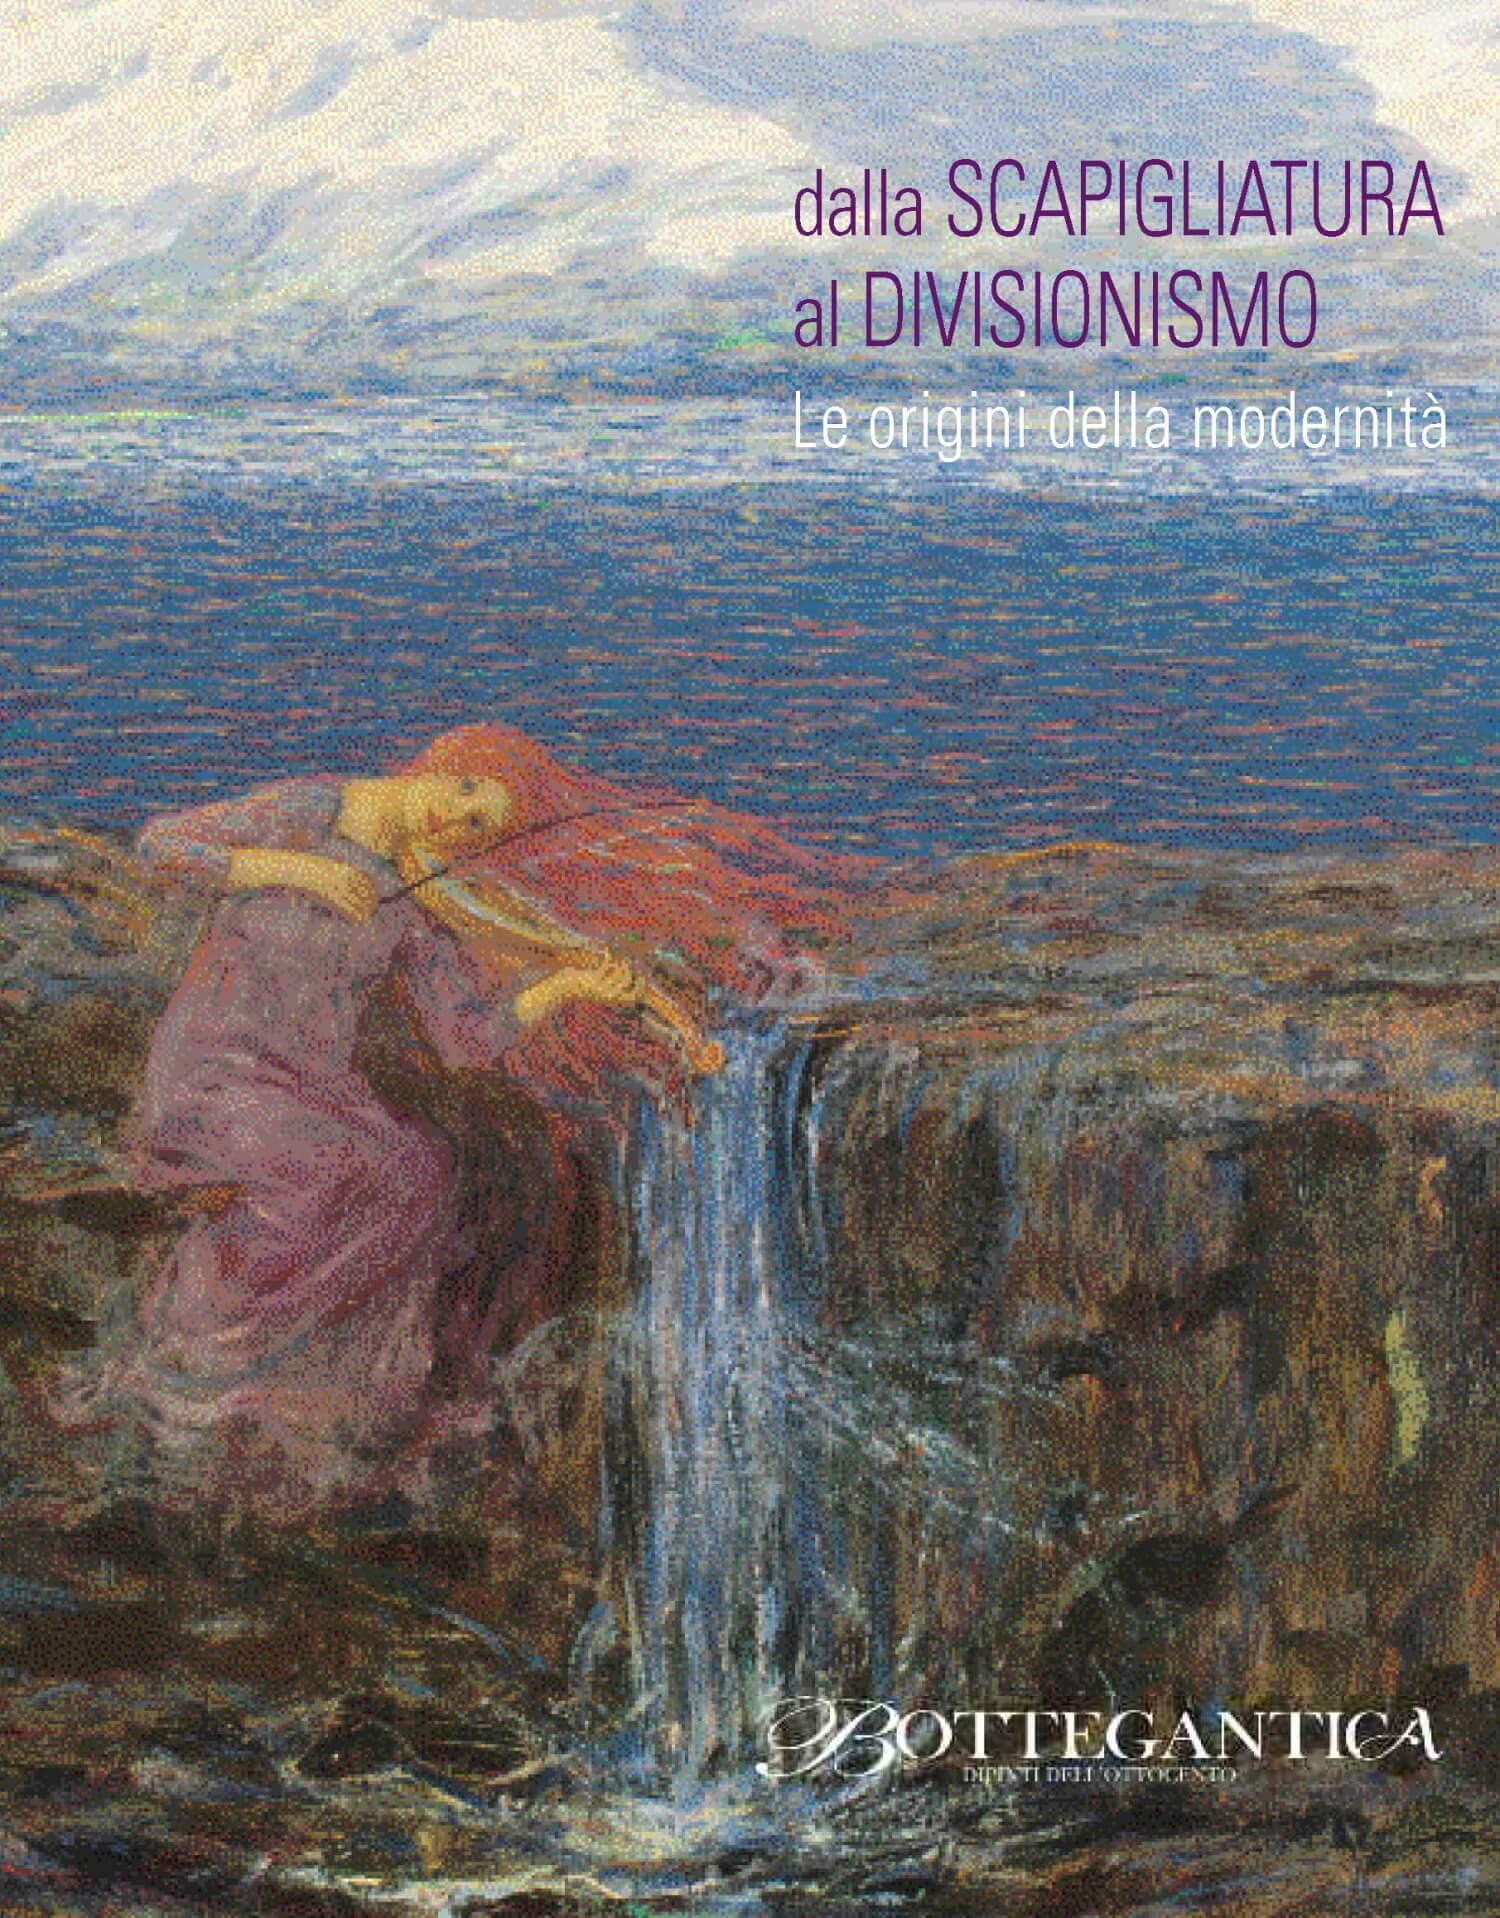 Dalla Scapigliatura al Divisionismo, Le origini della modernità